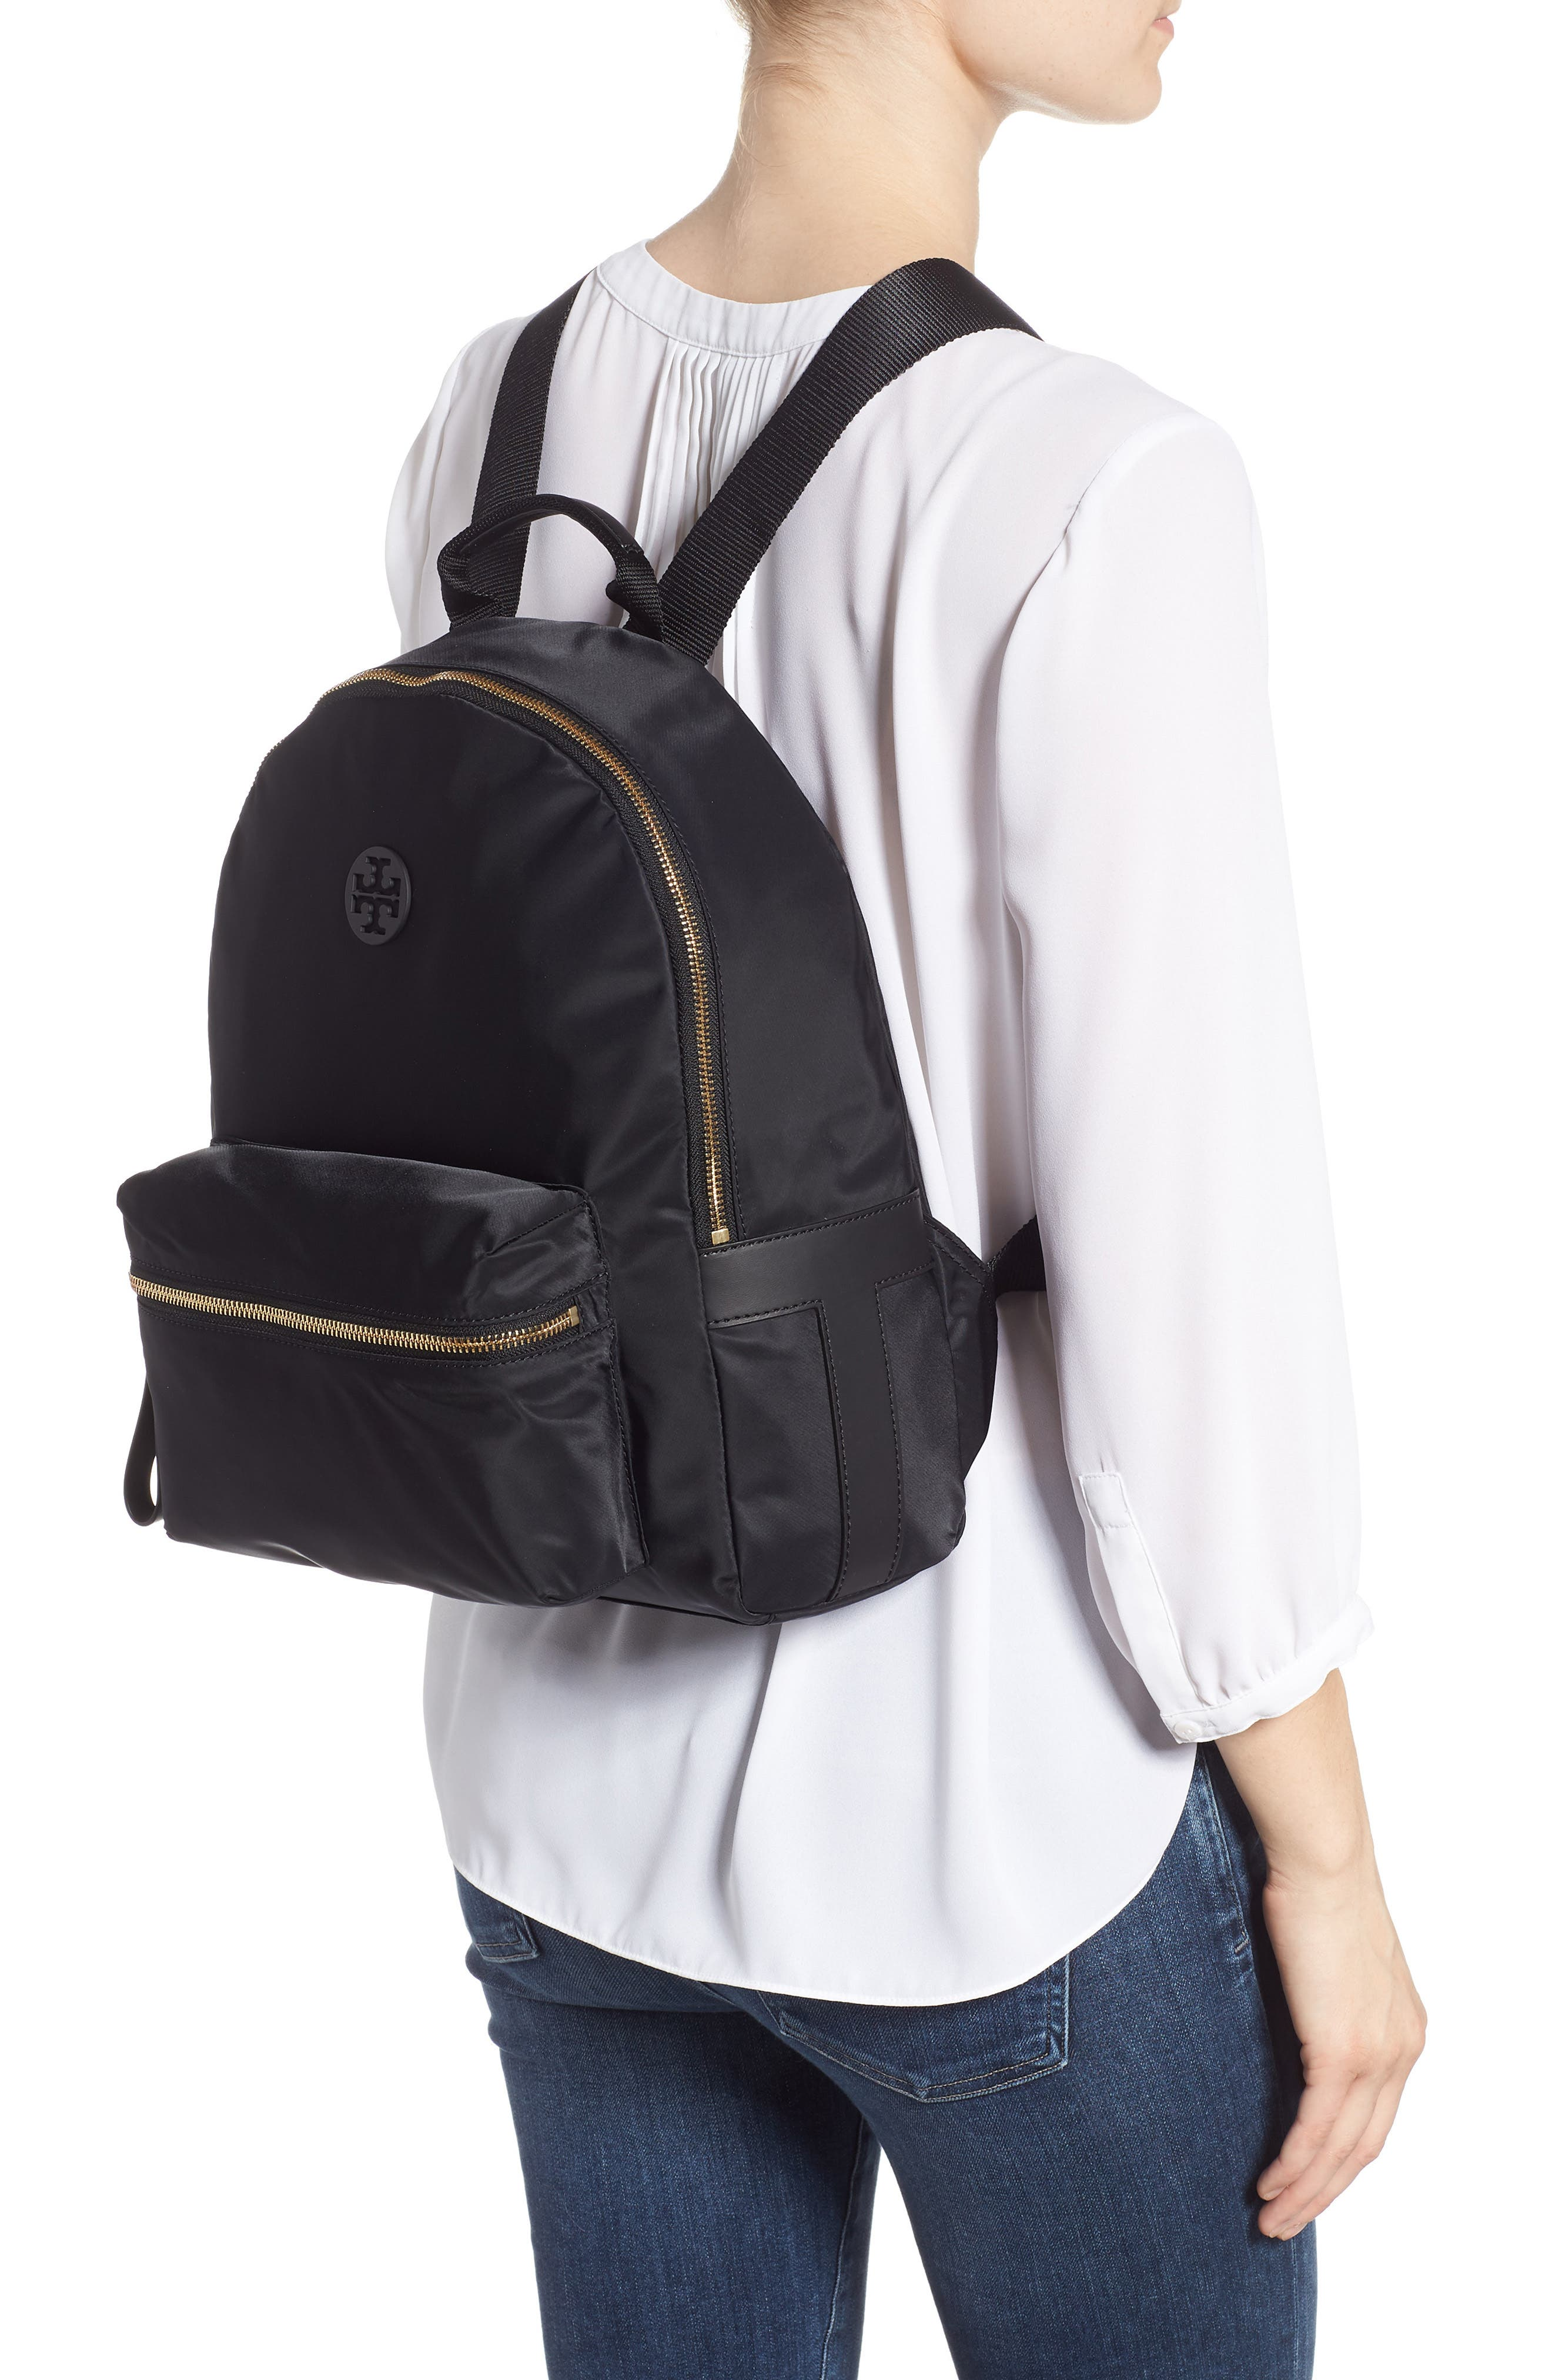 Tilda Nylon Backpack,                             Alternate thumbnail 2, color,                             001